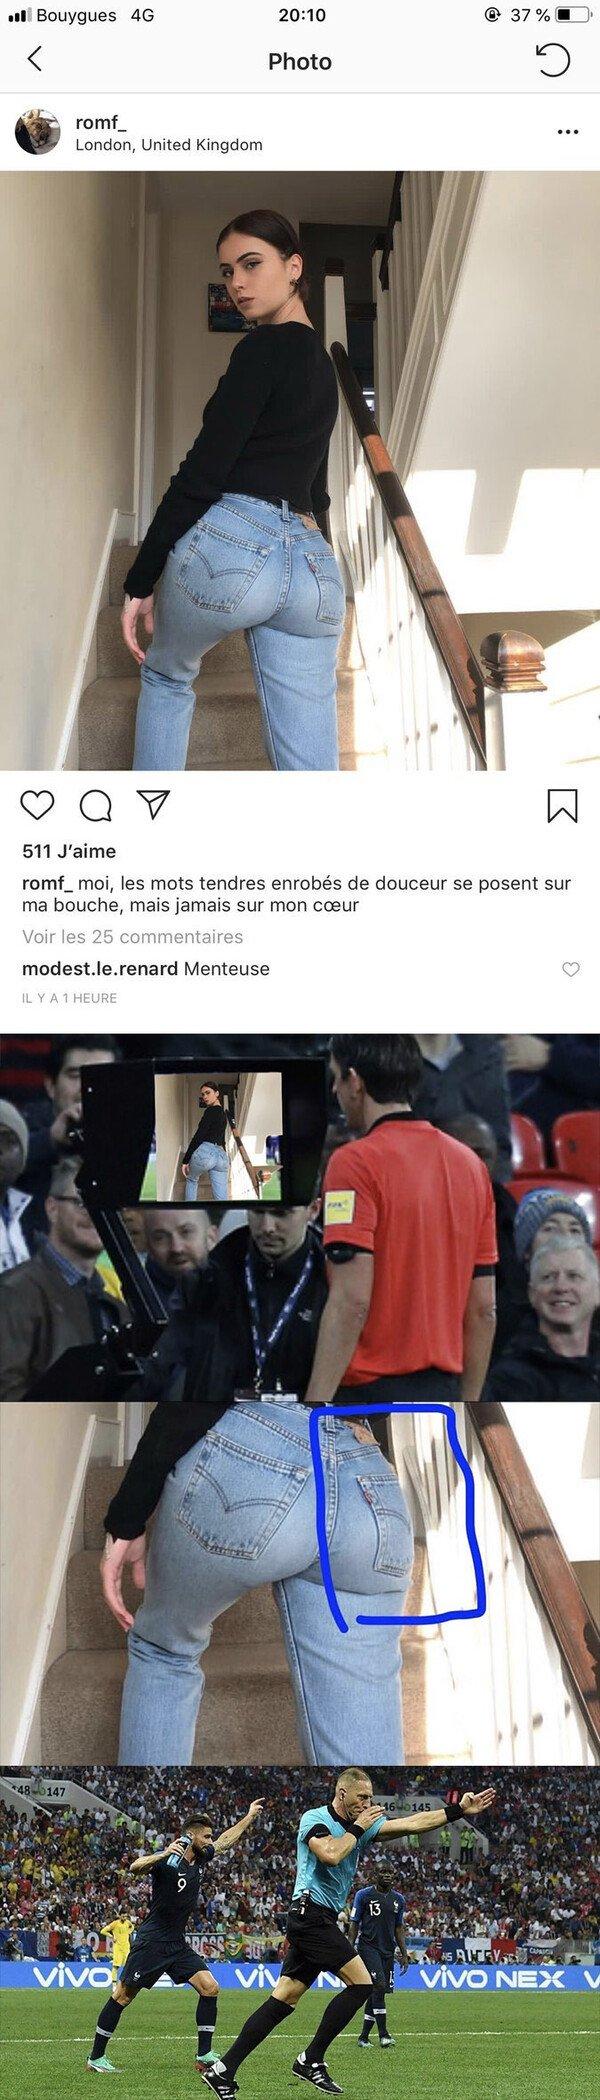 Meme_otros - Sube una foto mostrando su trasero y la gente se da cuenta de este detalle